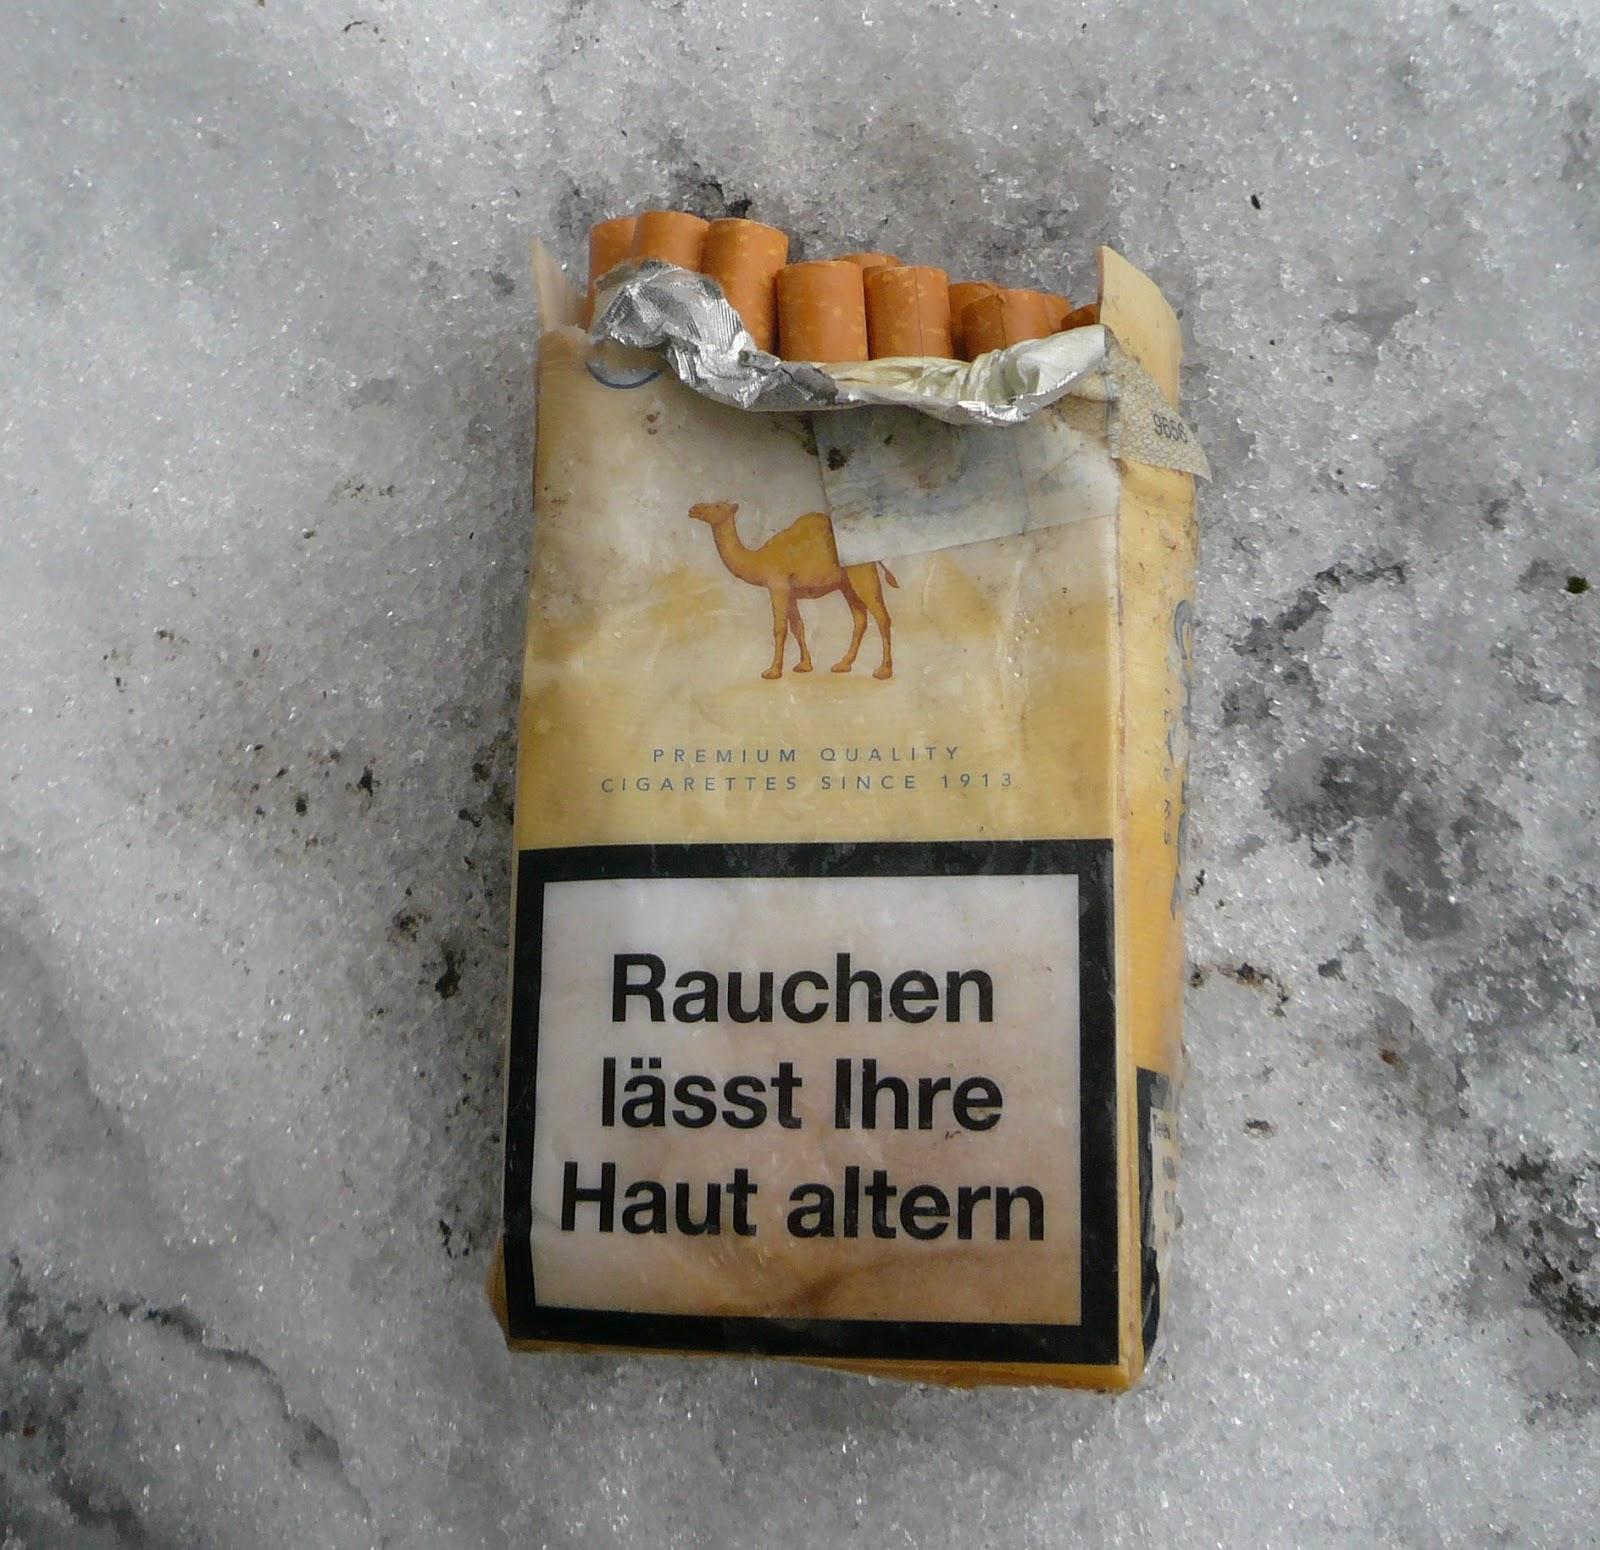 rauchen und haut